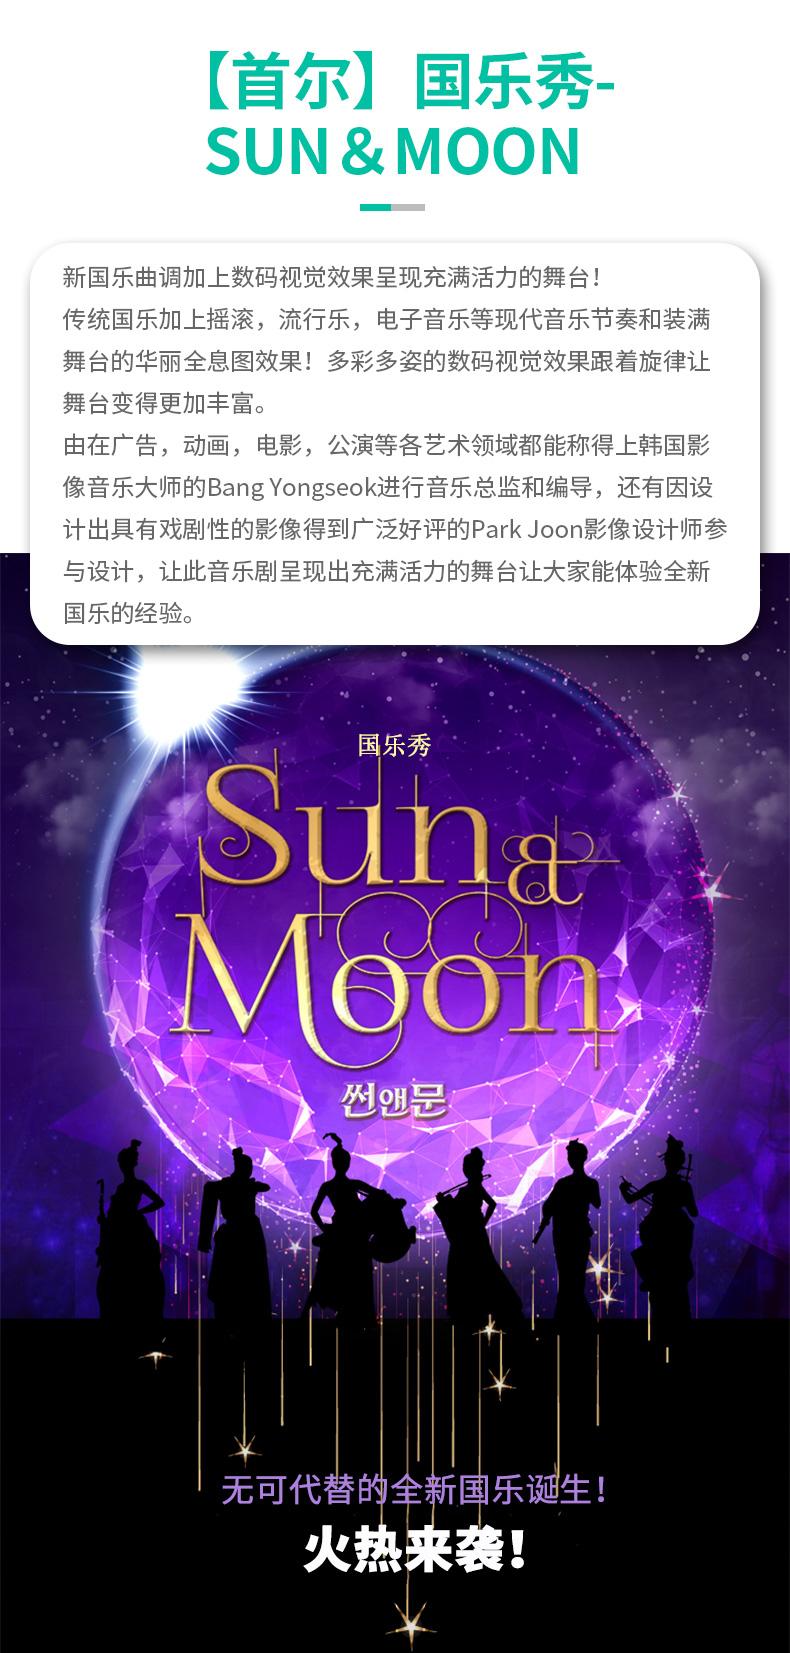 【首尔】国乐秀-SUN&MOON_01.jpg